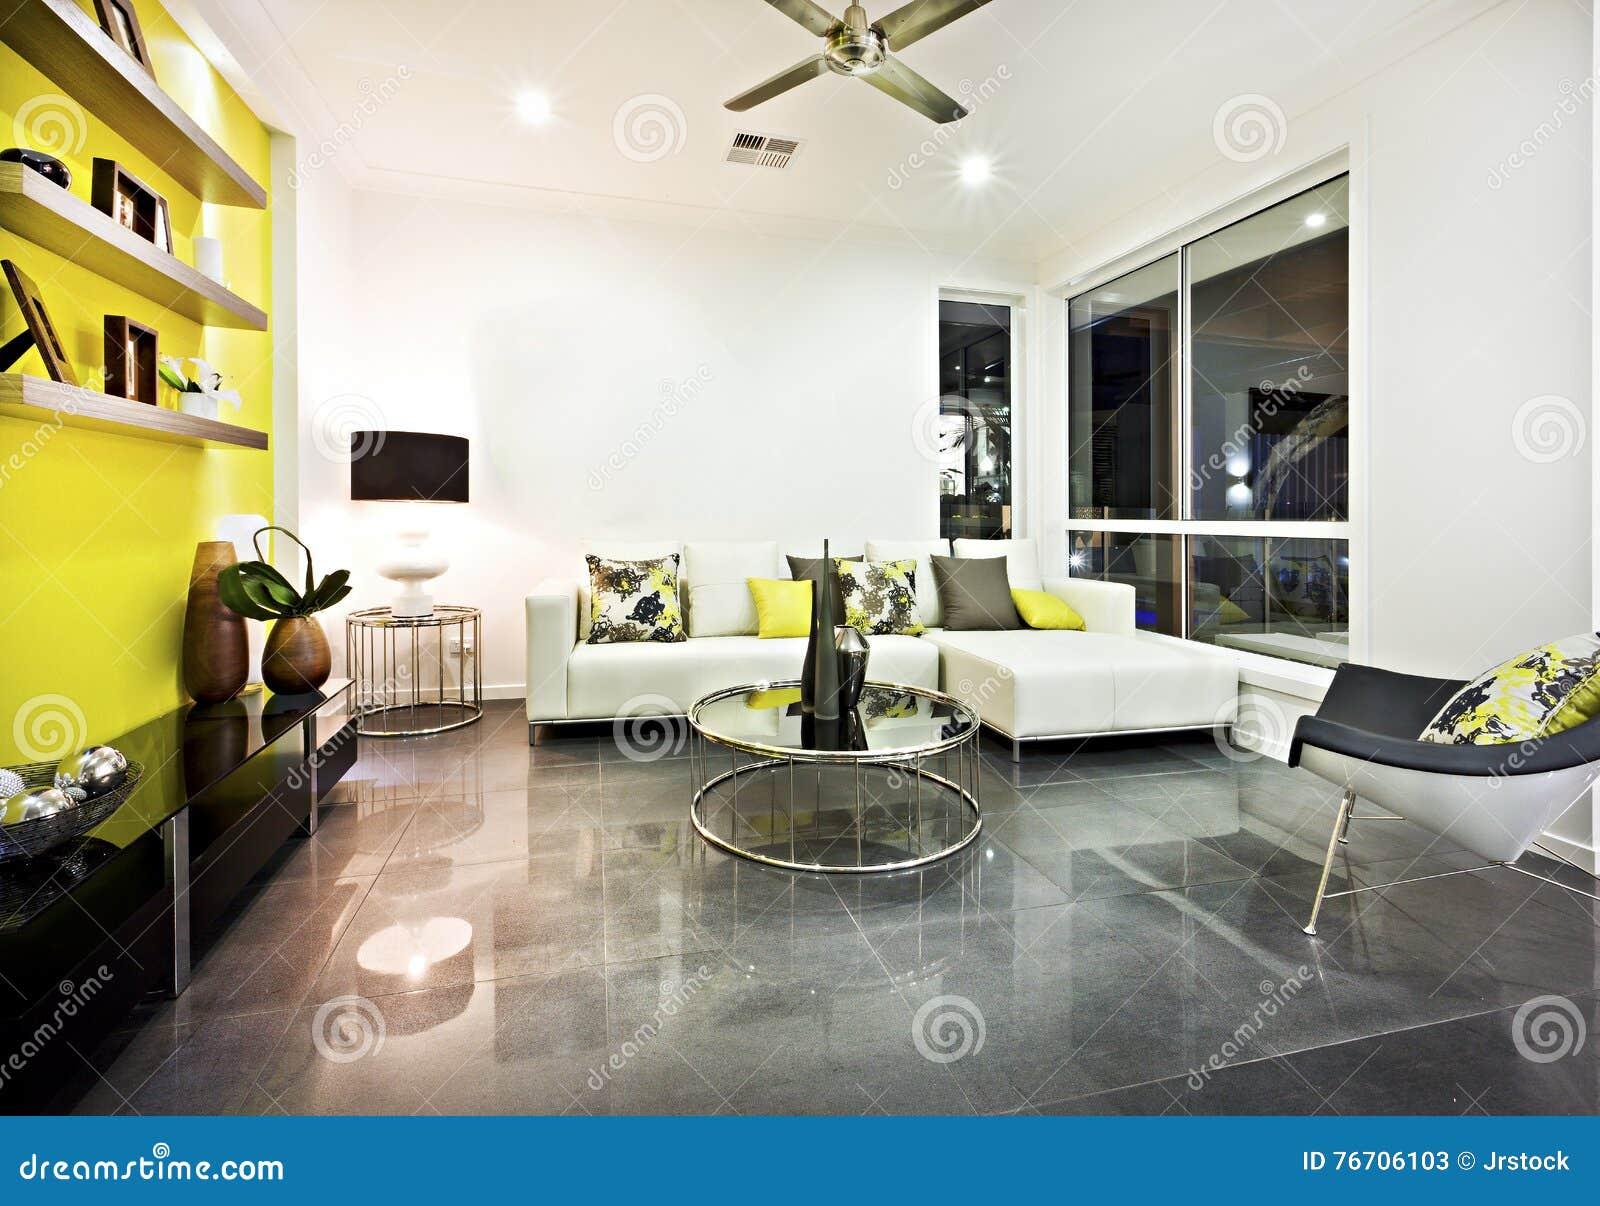 https://thumbs.dreamstime.com/z/woonkamer-met-weerspiegelende-tegelvloer-en-kleurrijk-decor-76706103.jpg